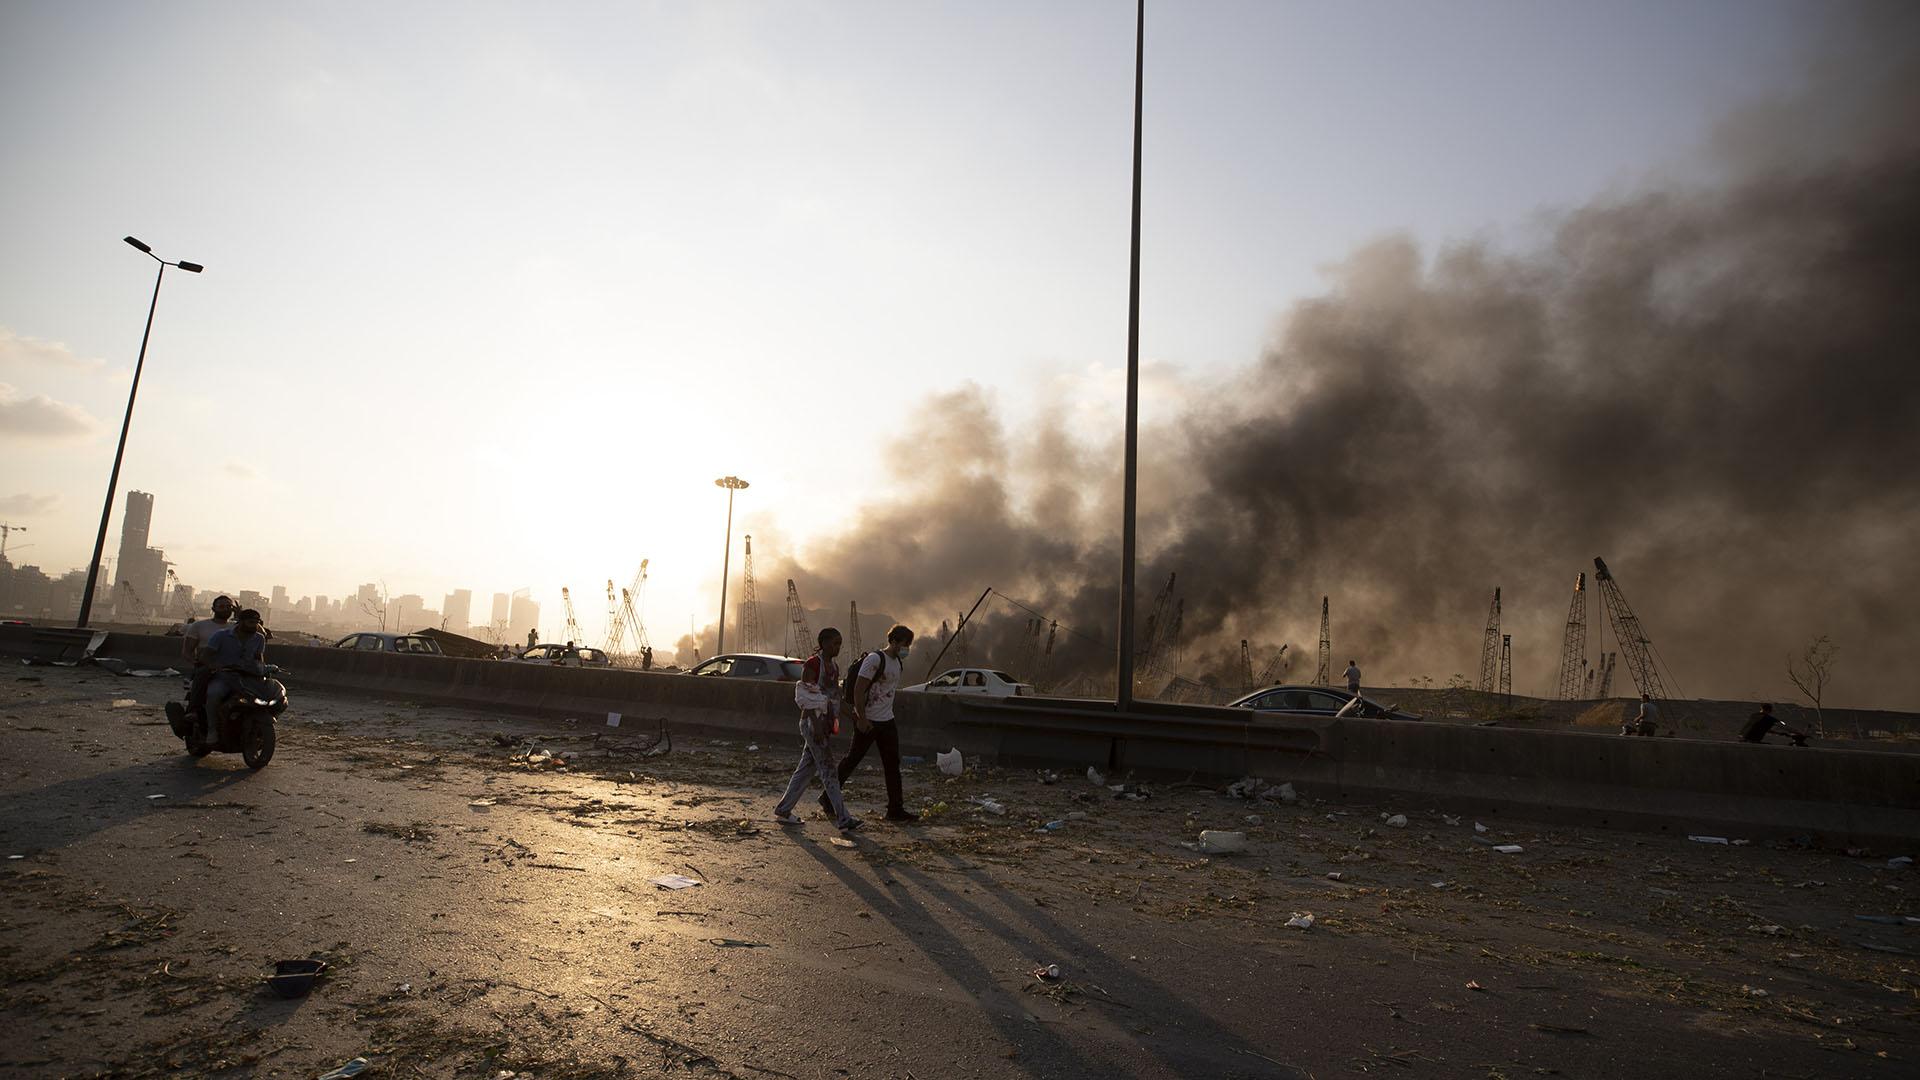 Se ve el humo de la explosión masiva en Beirut, que destruyó gran parte de la zona del puerto (Foto: AP/ Hassan Ammar)